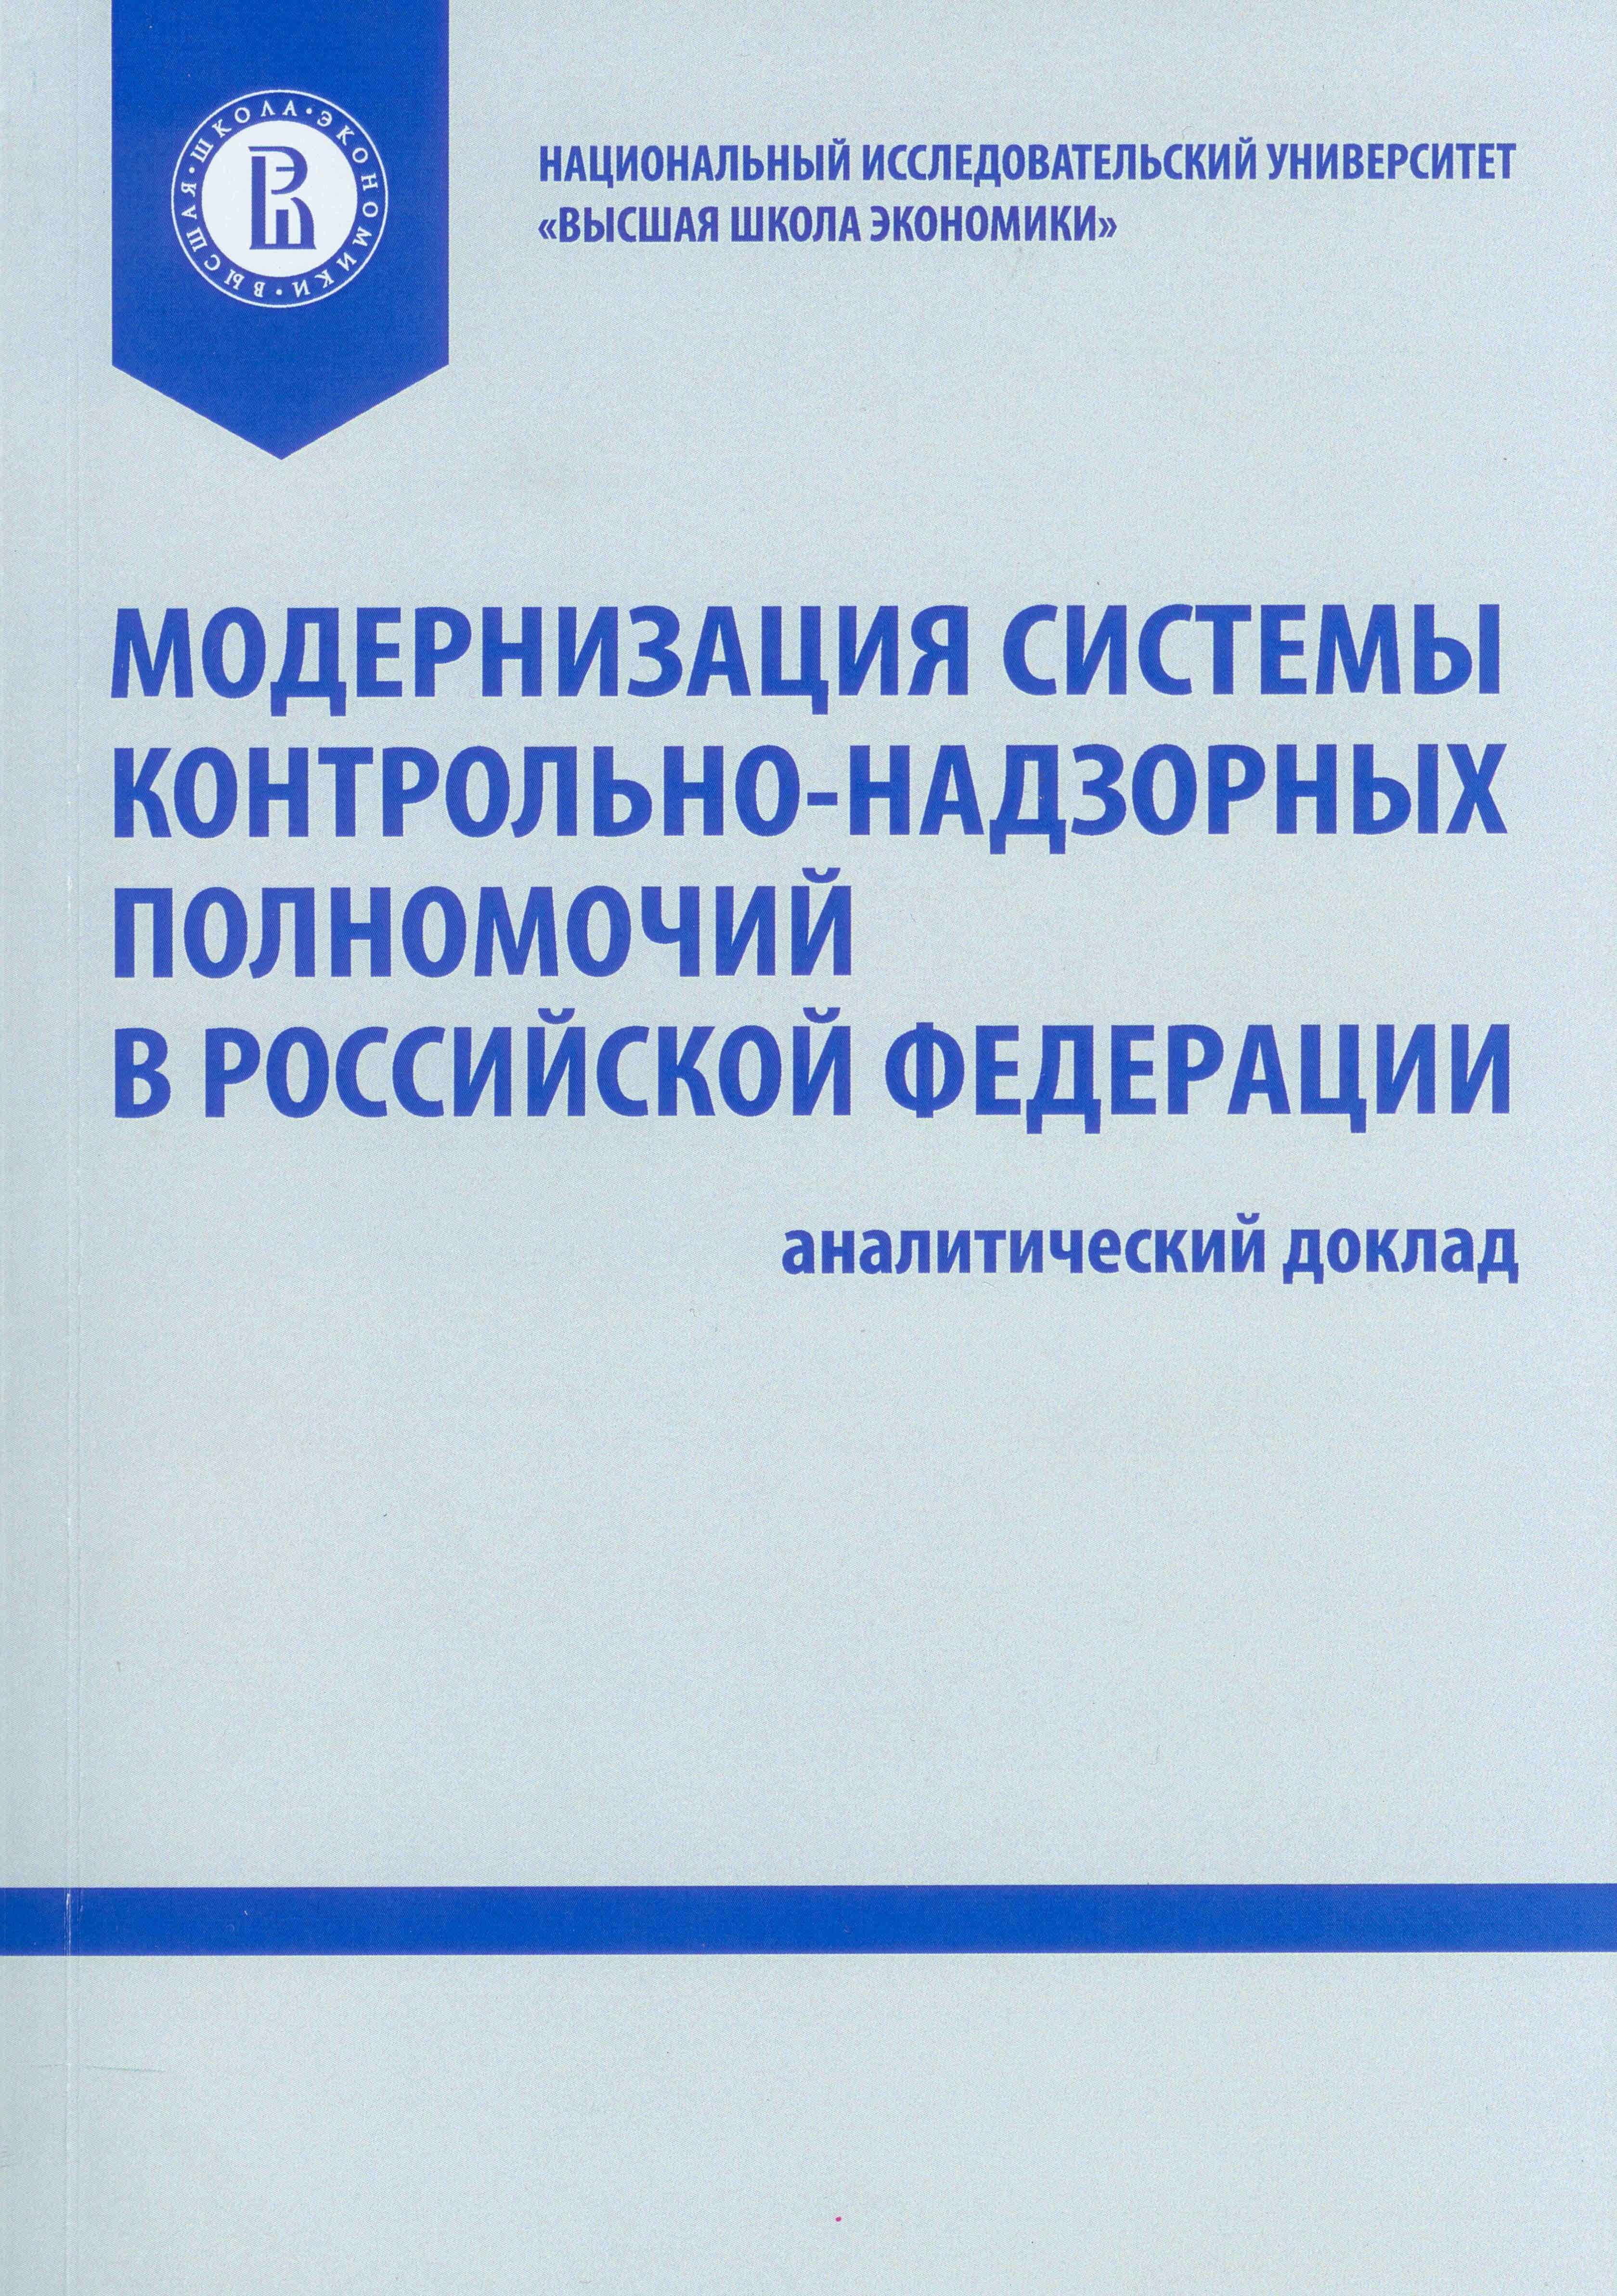 Модернизация системы контрольно-надзорных полномочий в Российской Федерации